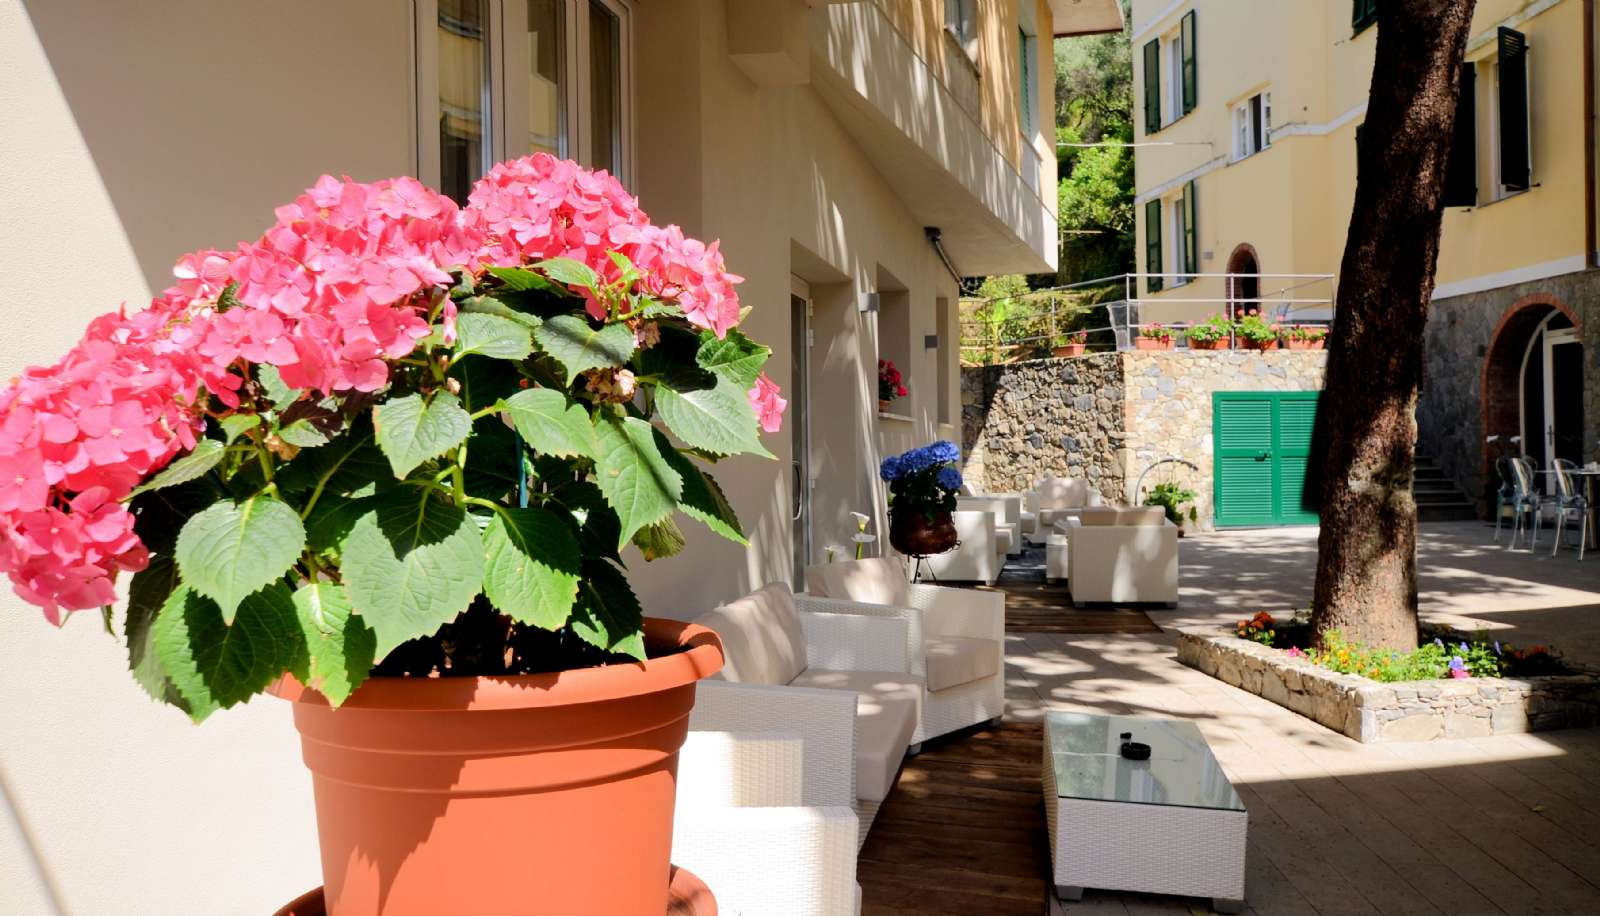 Le confortable patio et son ambiance Lounge